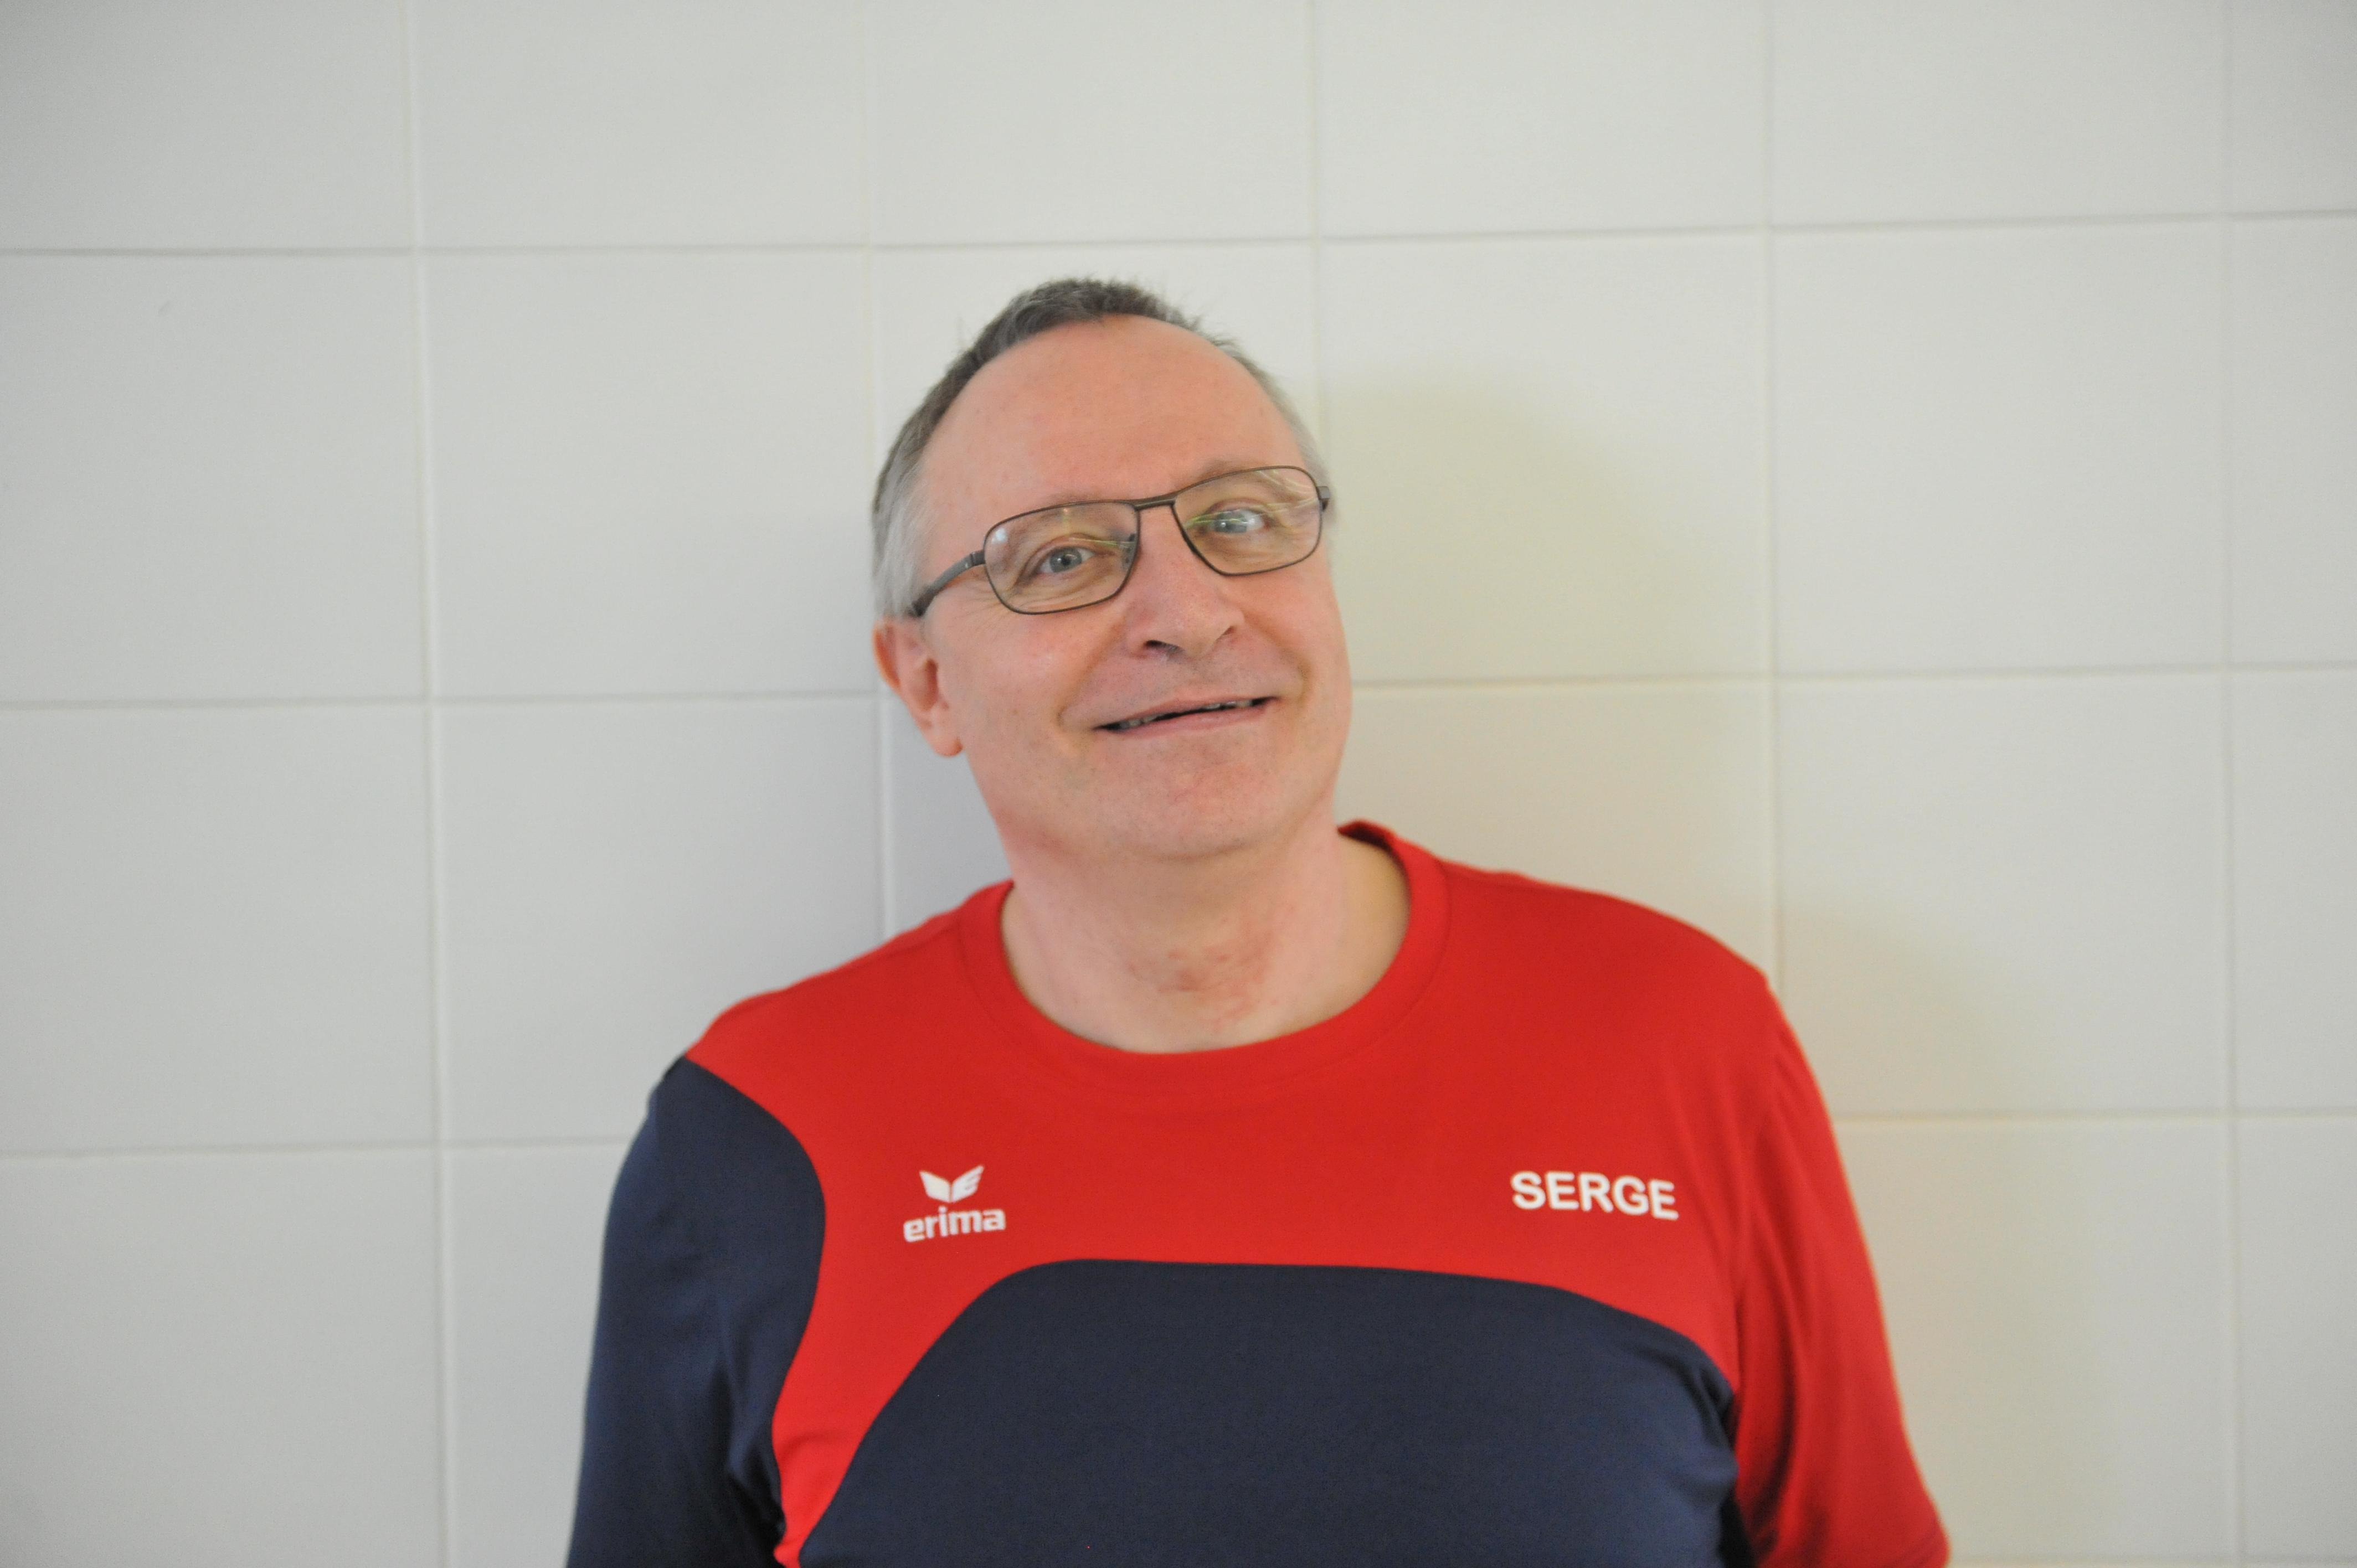 Meerpoel Serge